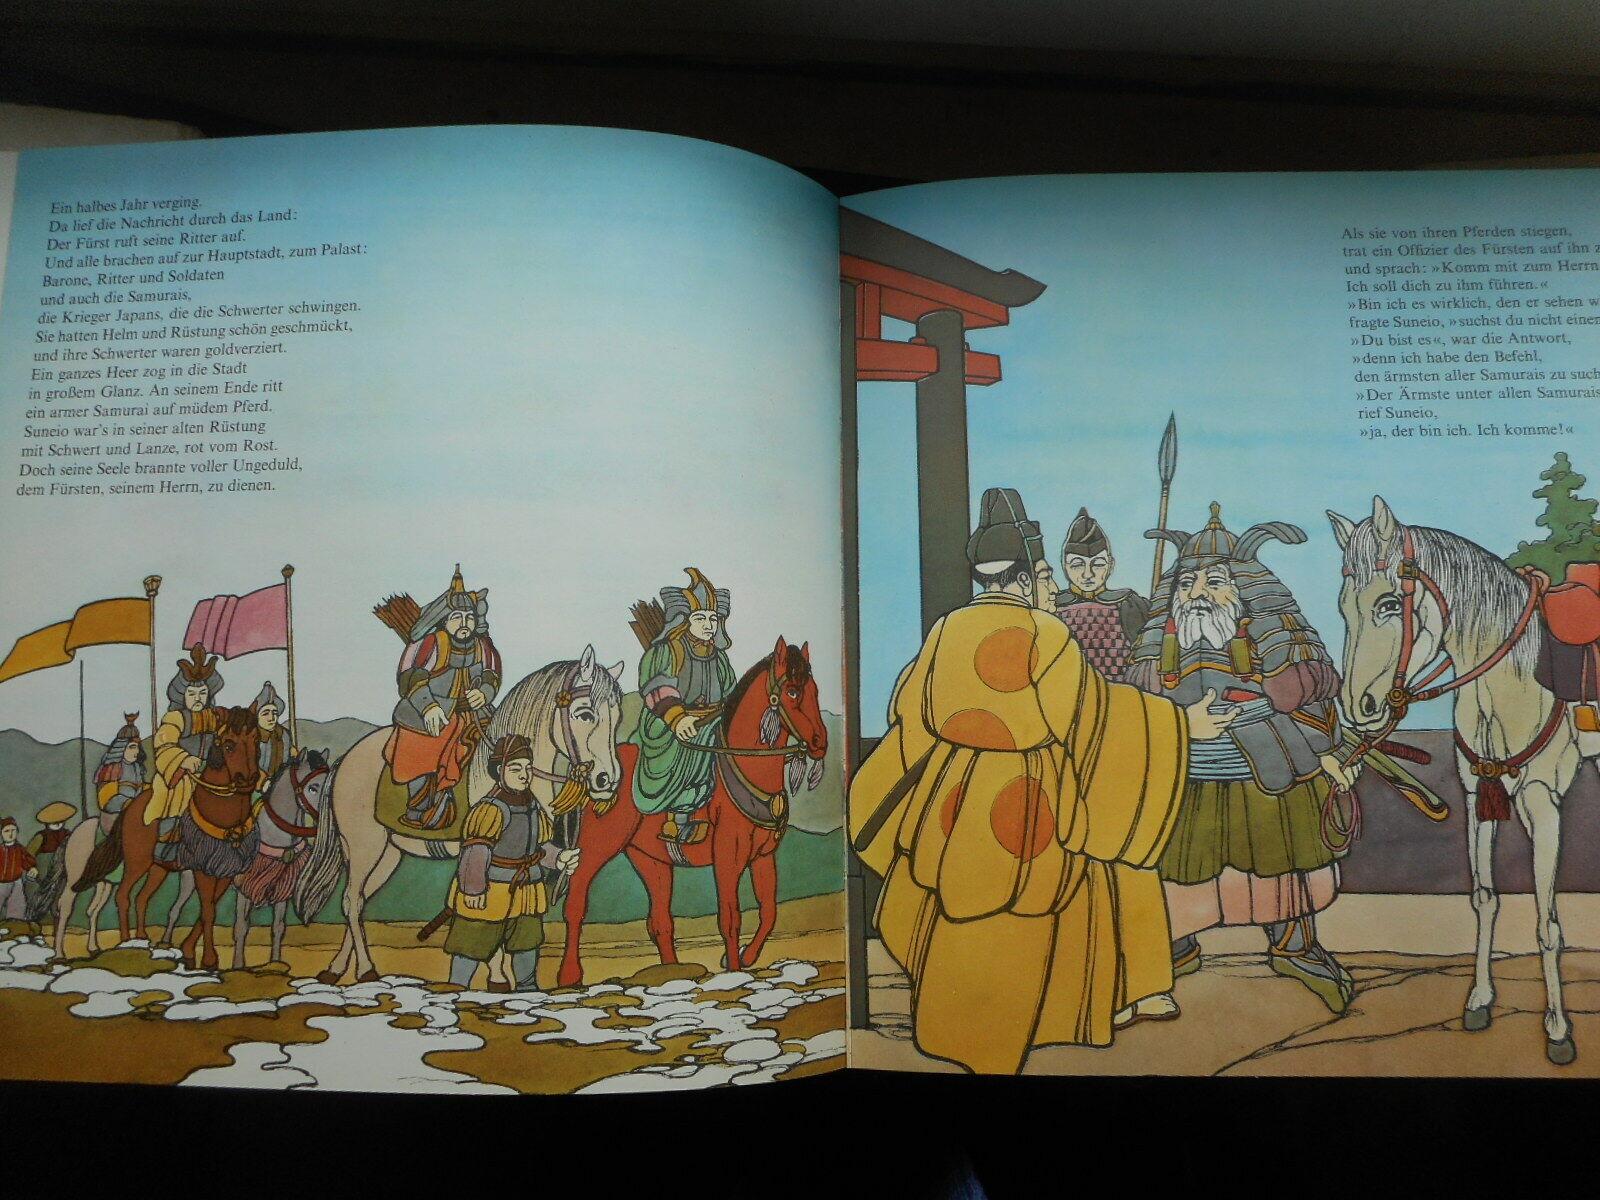 A. M. CocagnacAlain Le Foll: Suneio der Samurai 1970